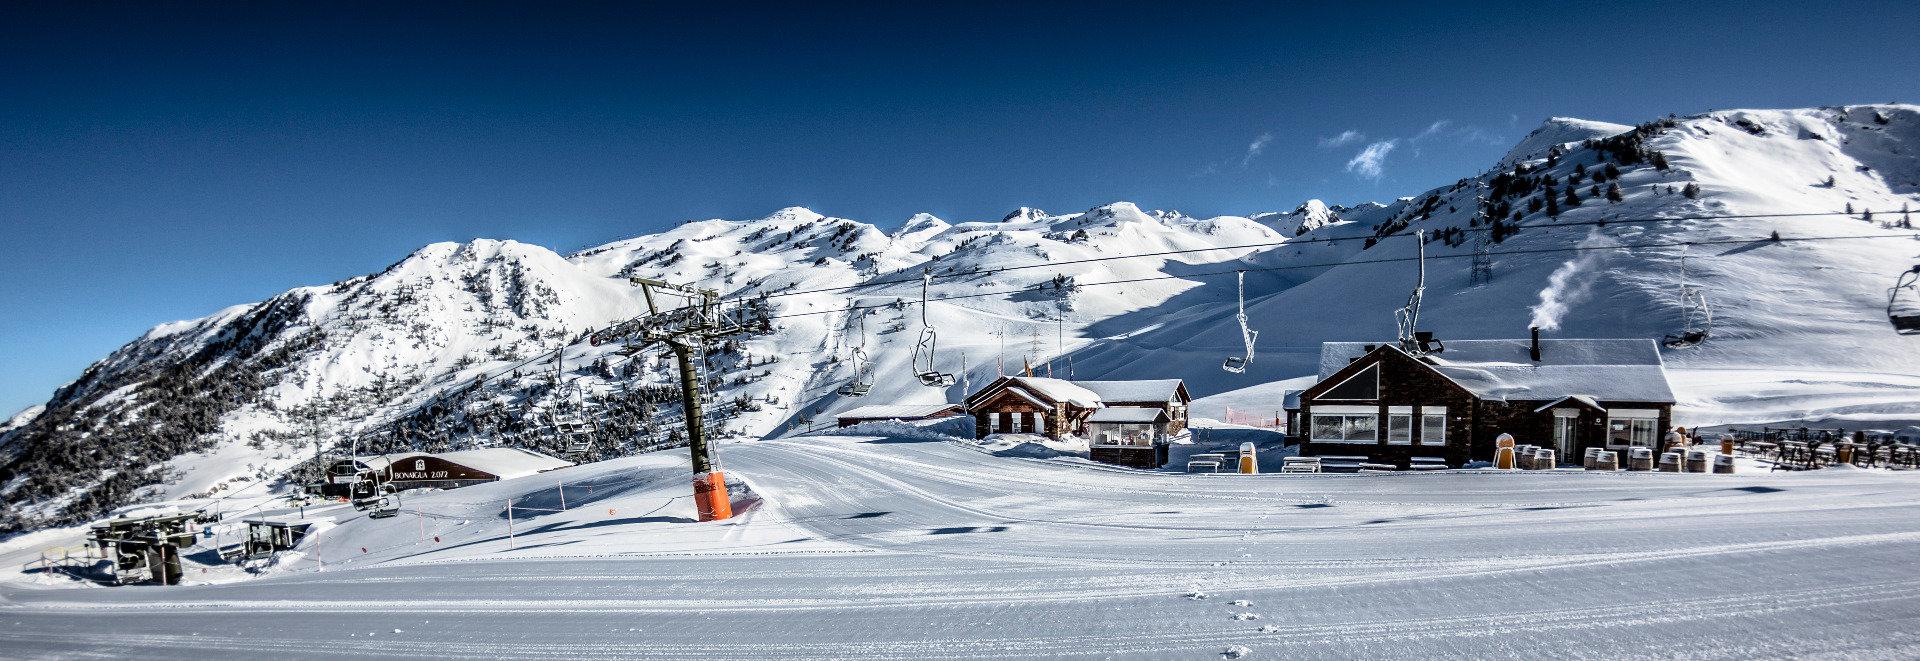 Sur le domaine skiable de Baqueira Beret - © Station de Baqueira Beret